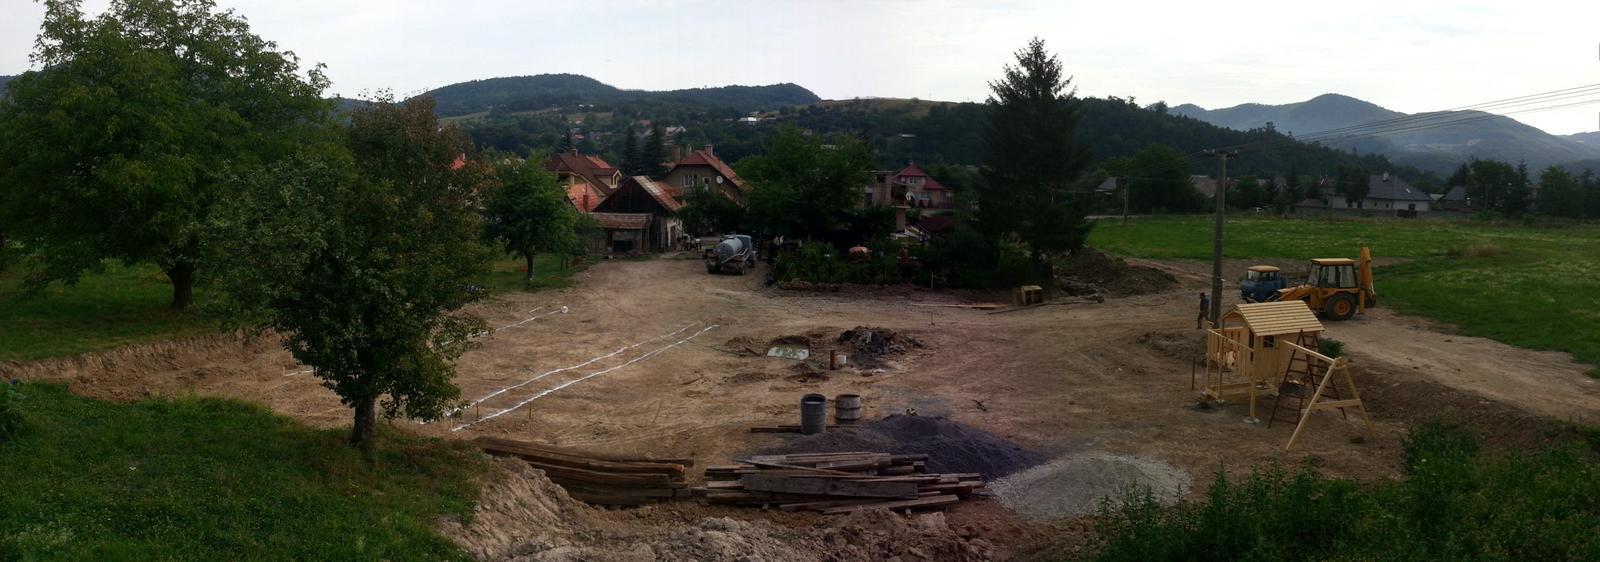 Pasívny dom svojpomocne - 25.07.2013